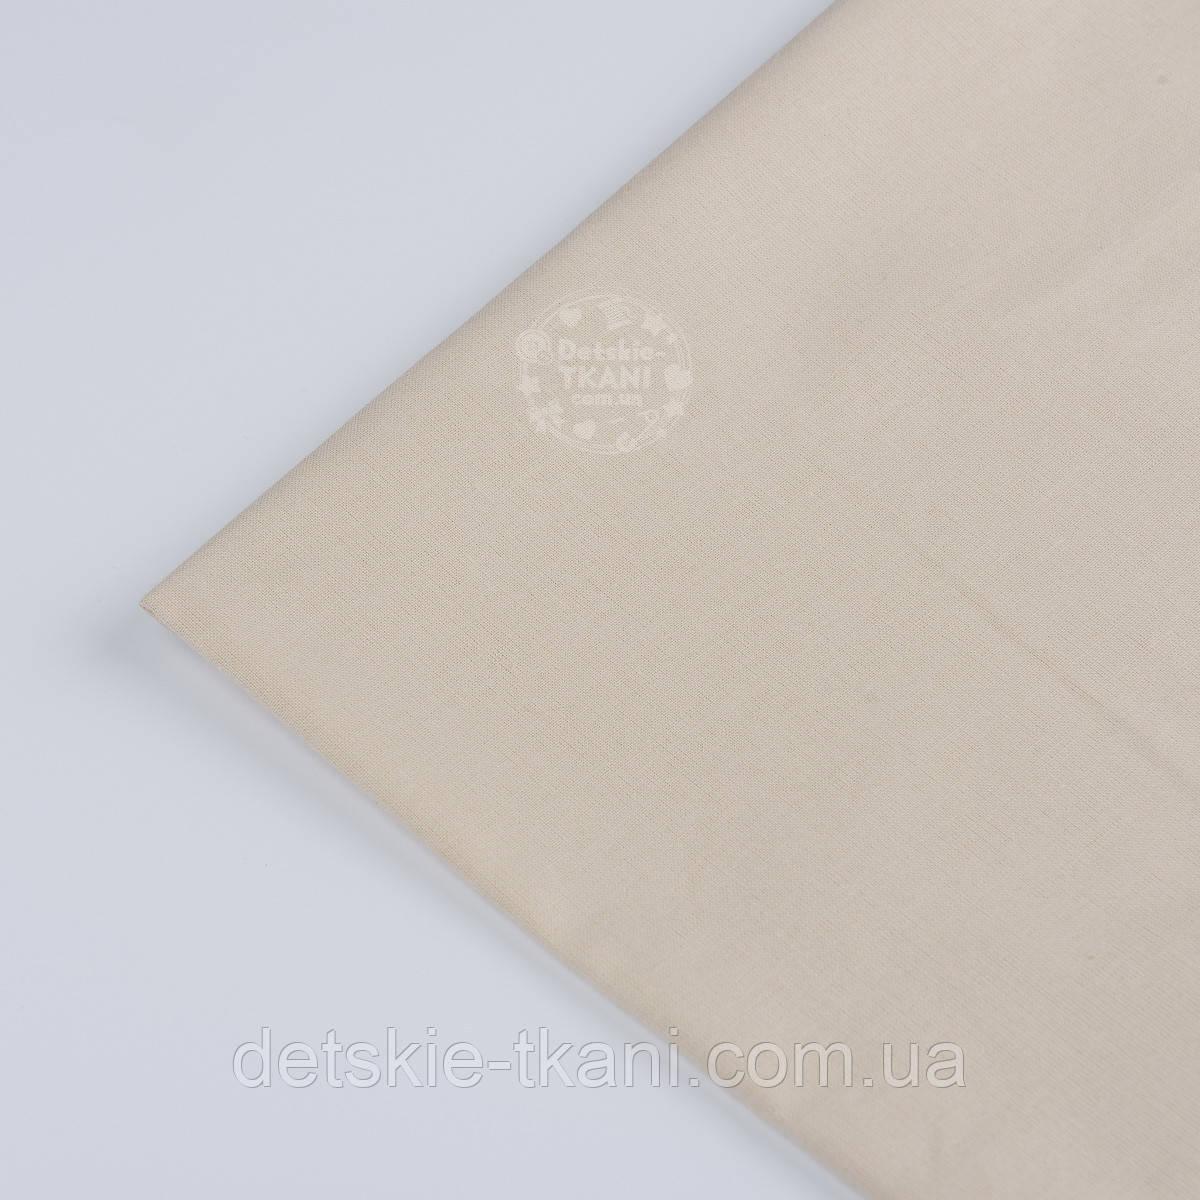 Лоскут ткани №33 однотонная бязь песочного цвета, размер 34*54 см